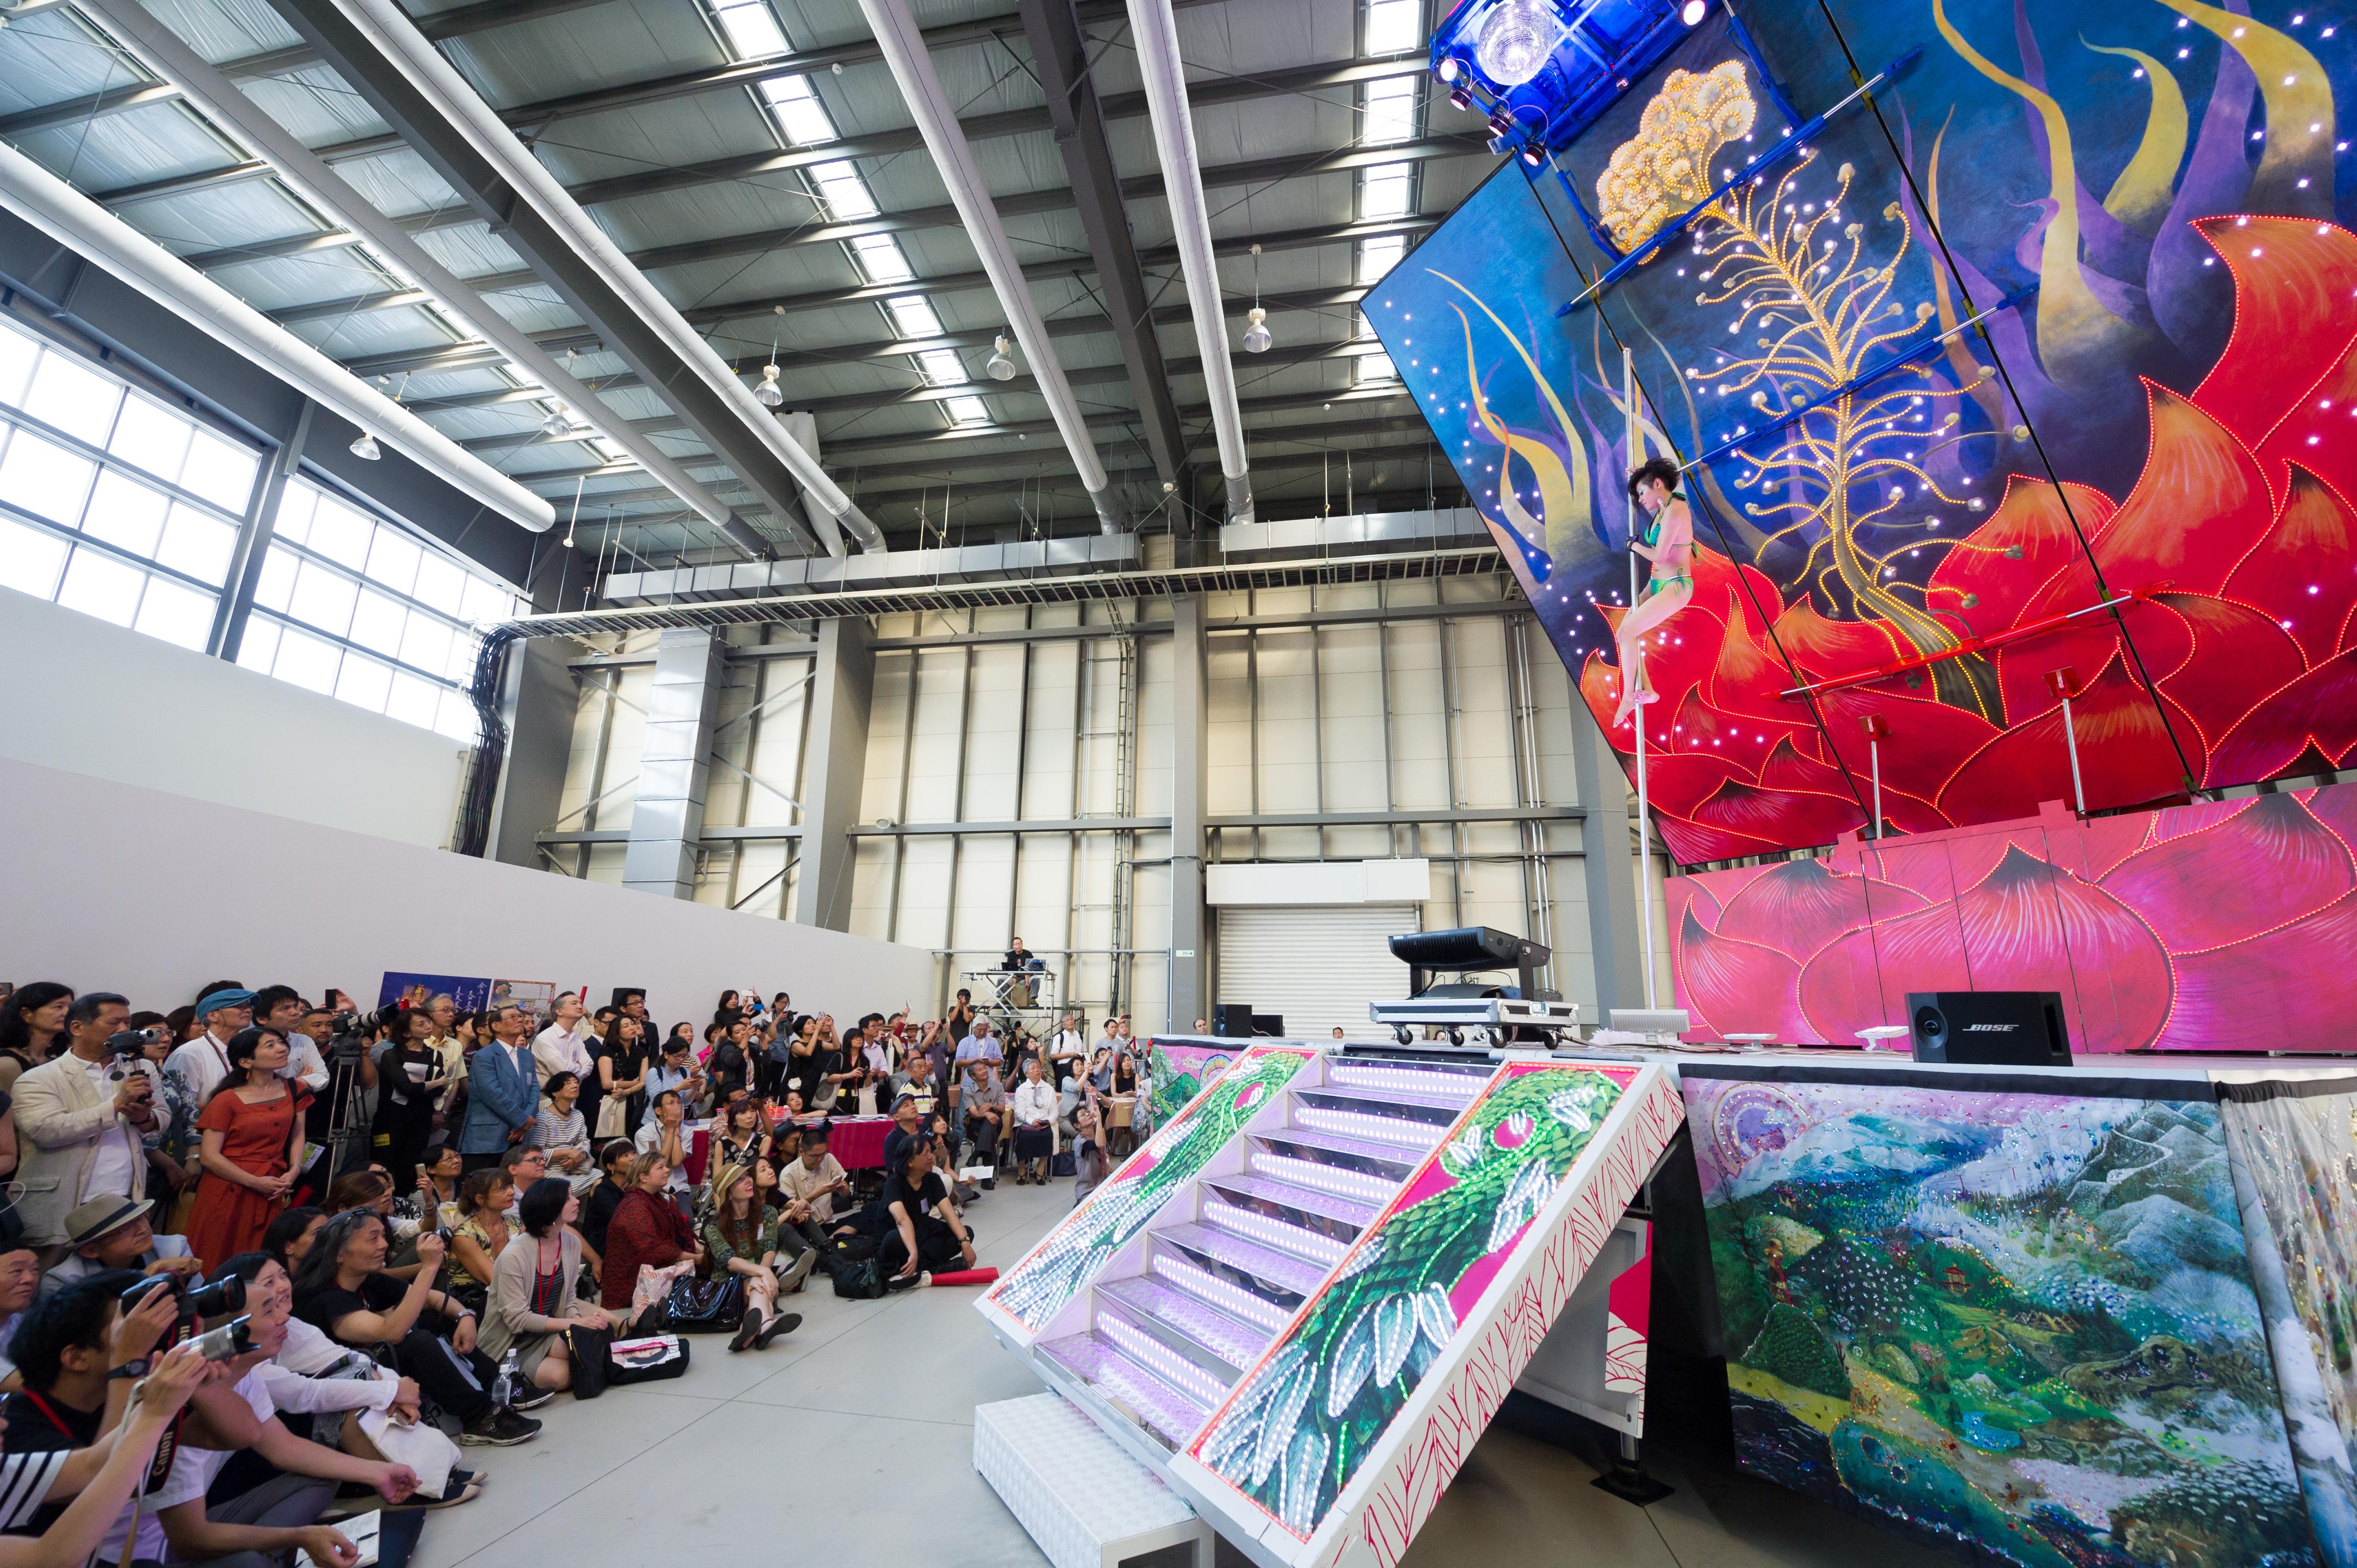 やなぎみわ《演劇公演「日輪の翼」のための移動舞台車》2014 年 撮影:加藤健 写真提供:横浜トリエンナーレ組織委 員会